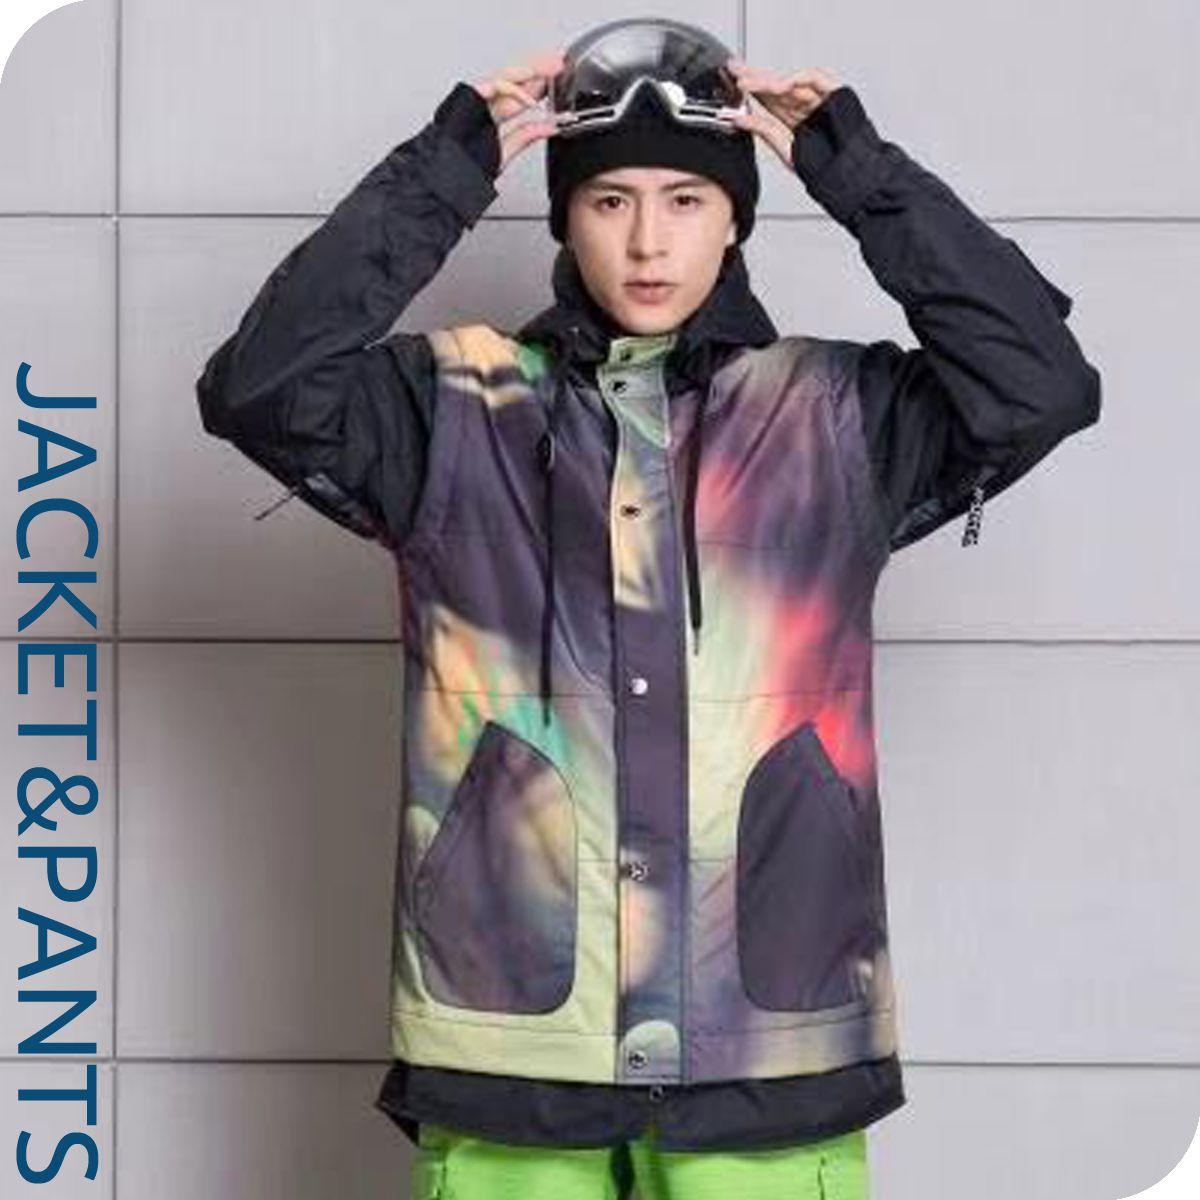 スノーボードウェア スキーウエア 上下セット メンズ 男性用 スノボ ウェア- スノーウェア デニムパンツ(パンツサイズも選べる上下セット)